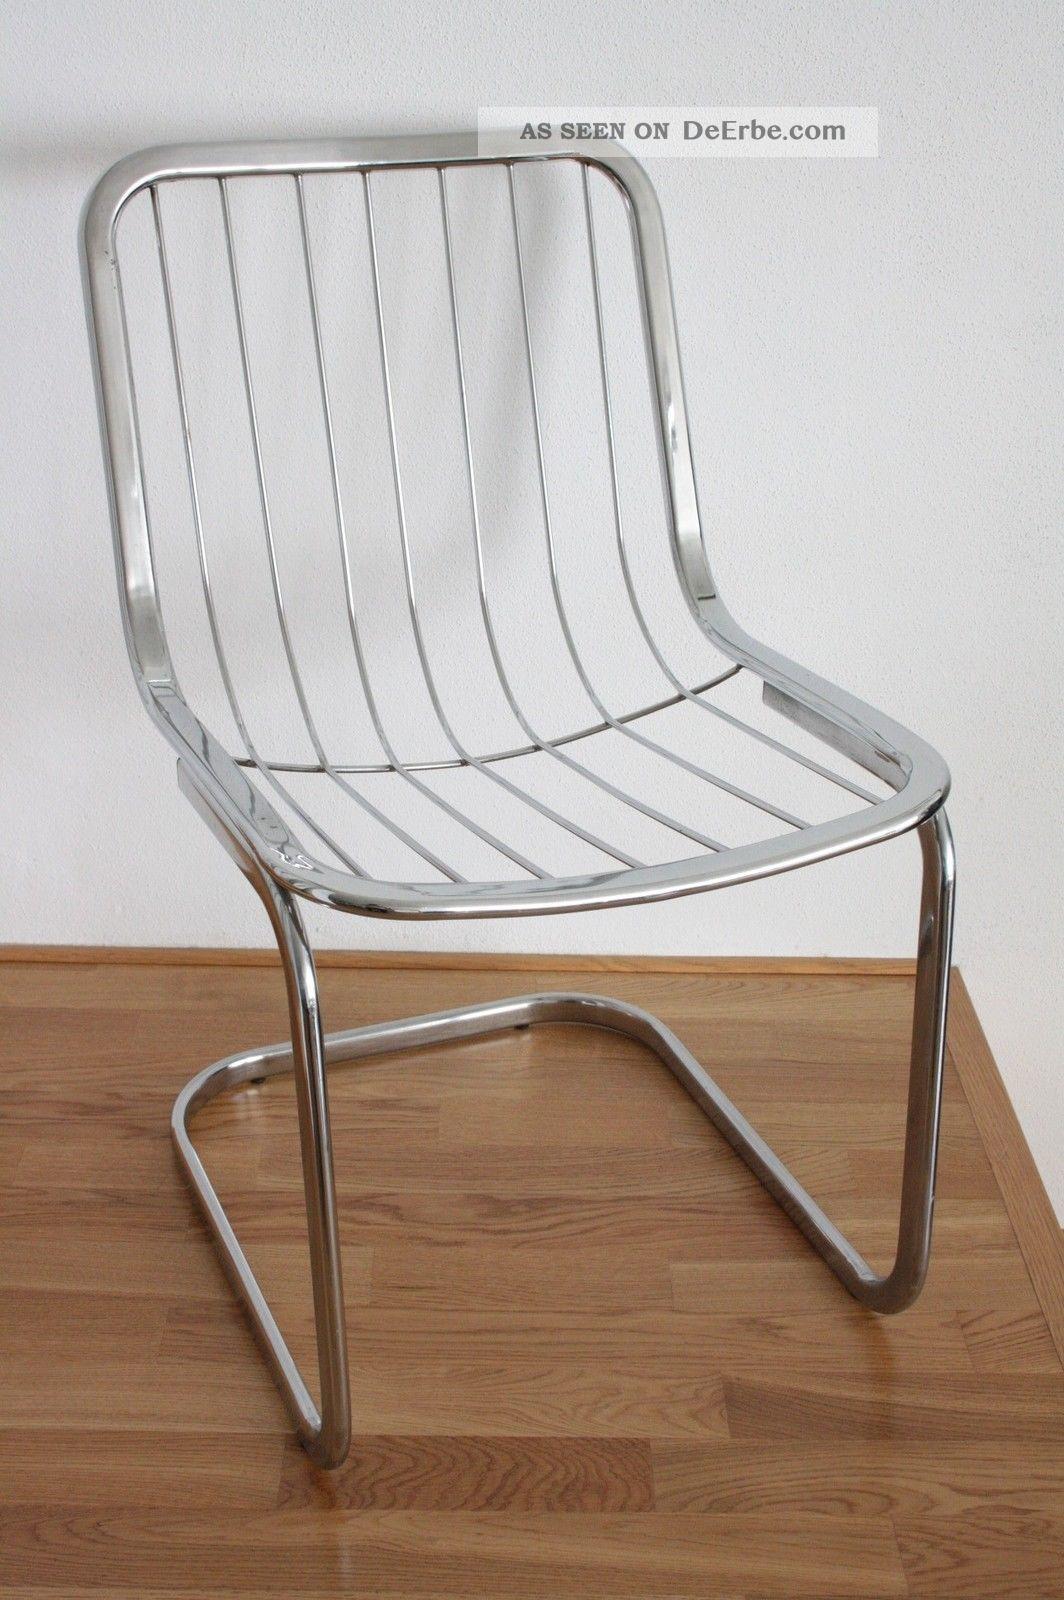 2 Stück Designer Sessel Freischwinger ära Bauhaus Design Metall